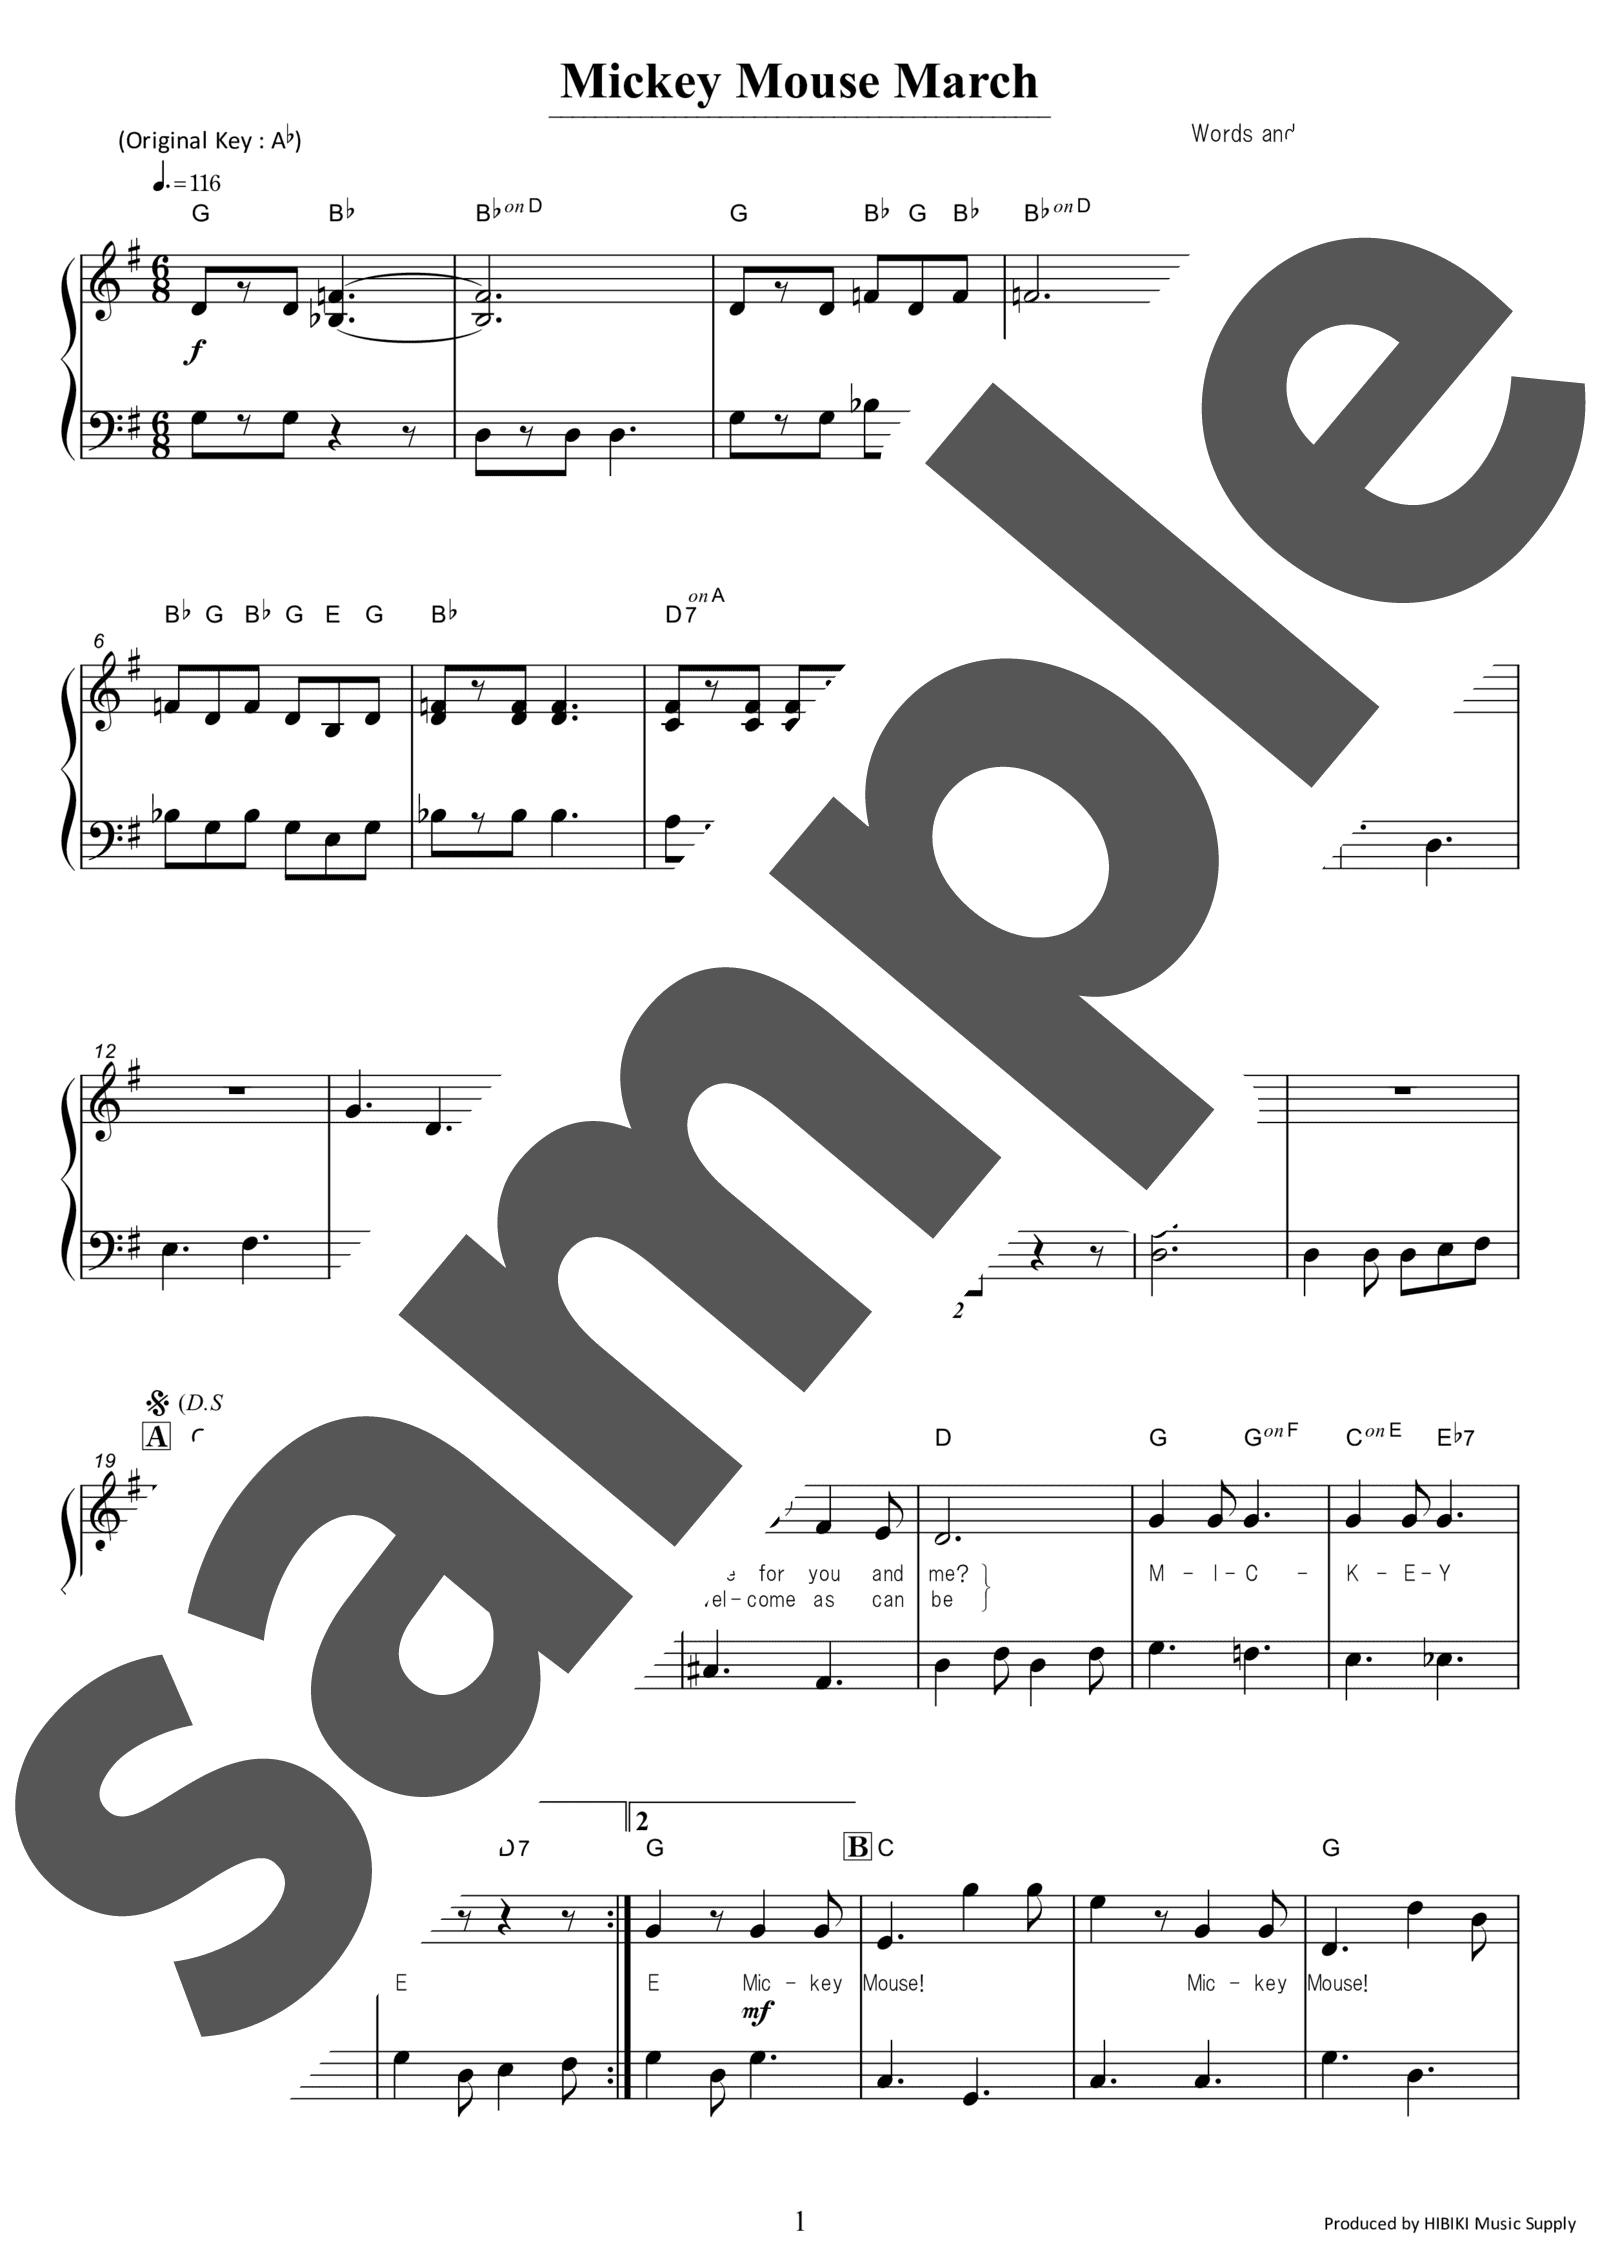 「ミッキーマウス・マーチ」のサンプル楽譜